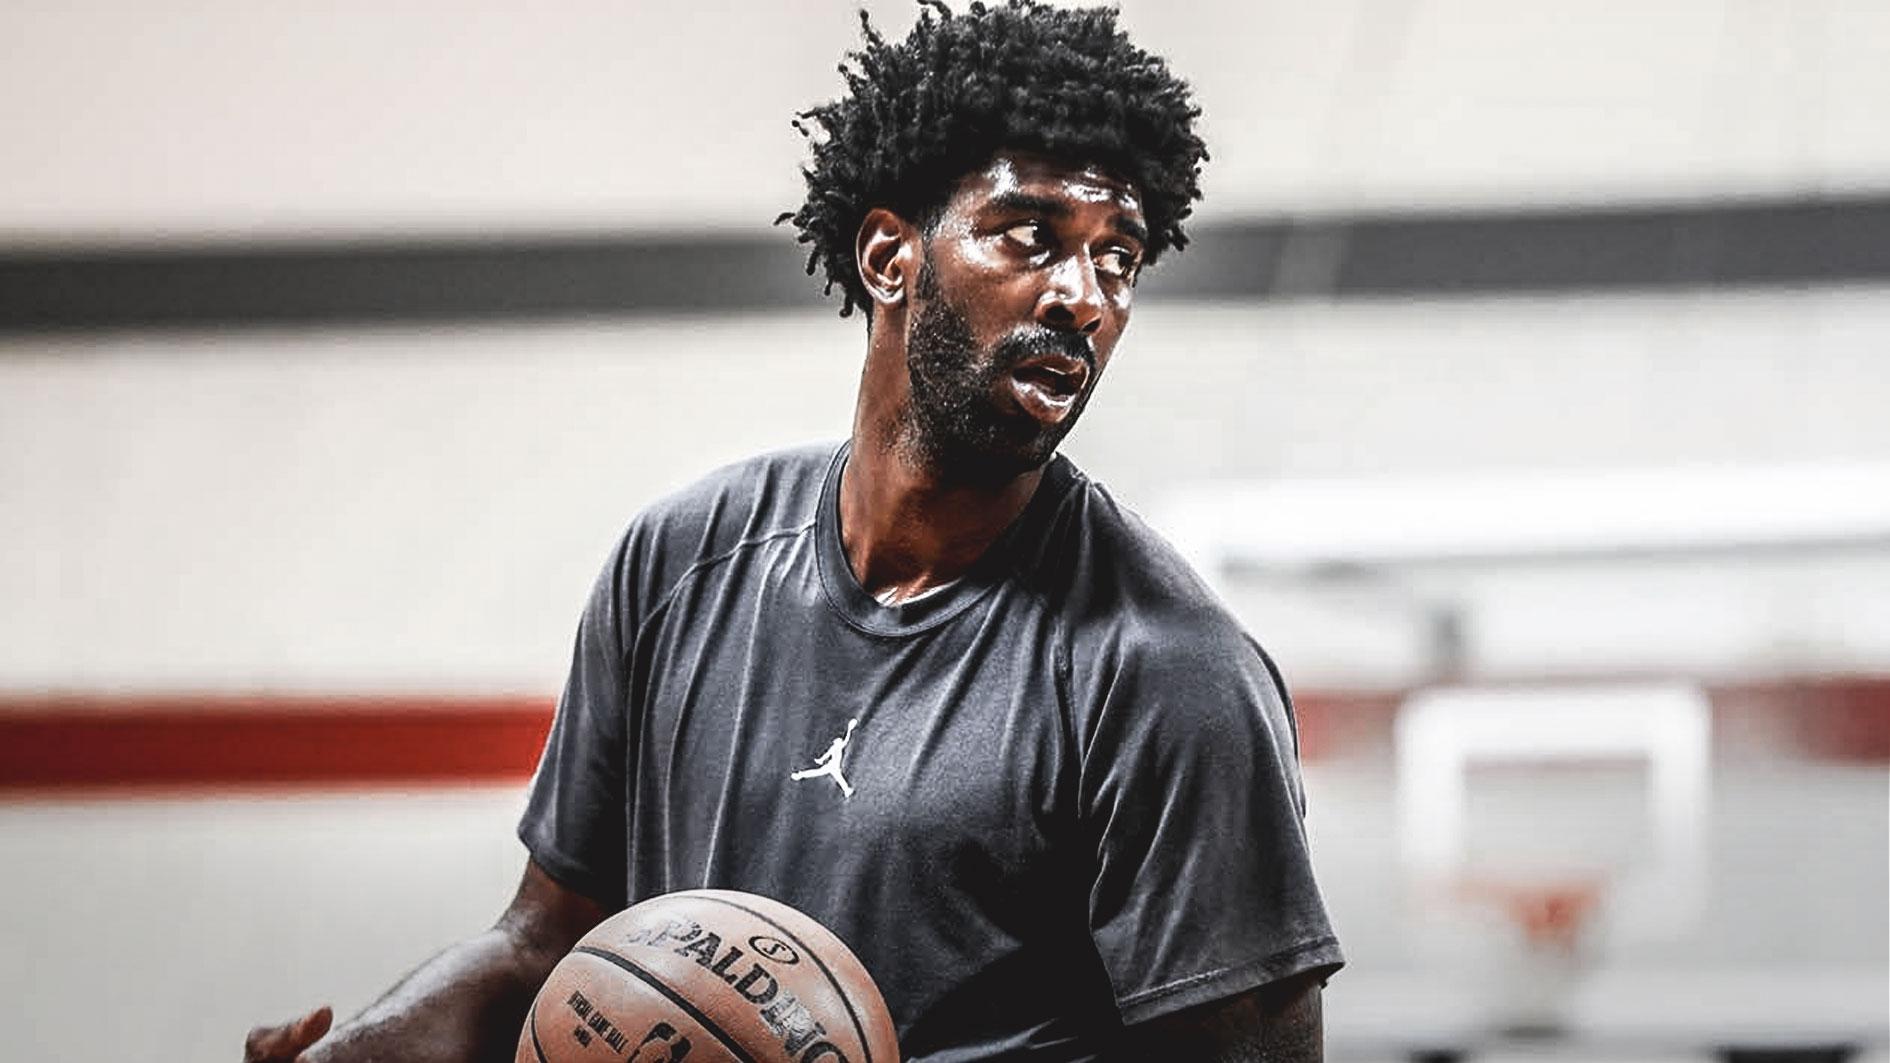 Бившата звезда в Националната баскетболна асоциация на САЩ О Джей